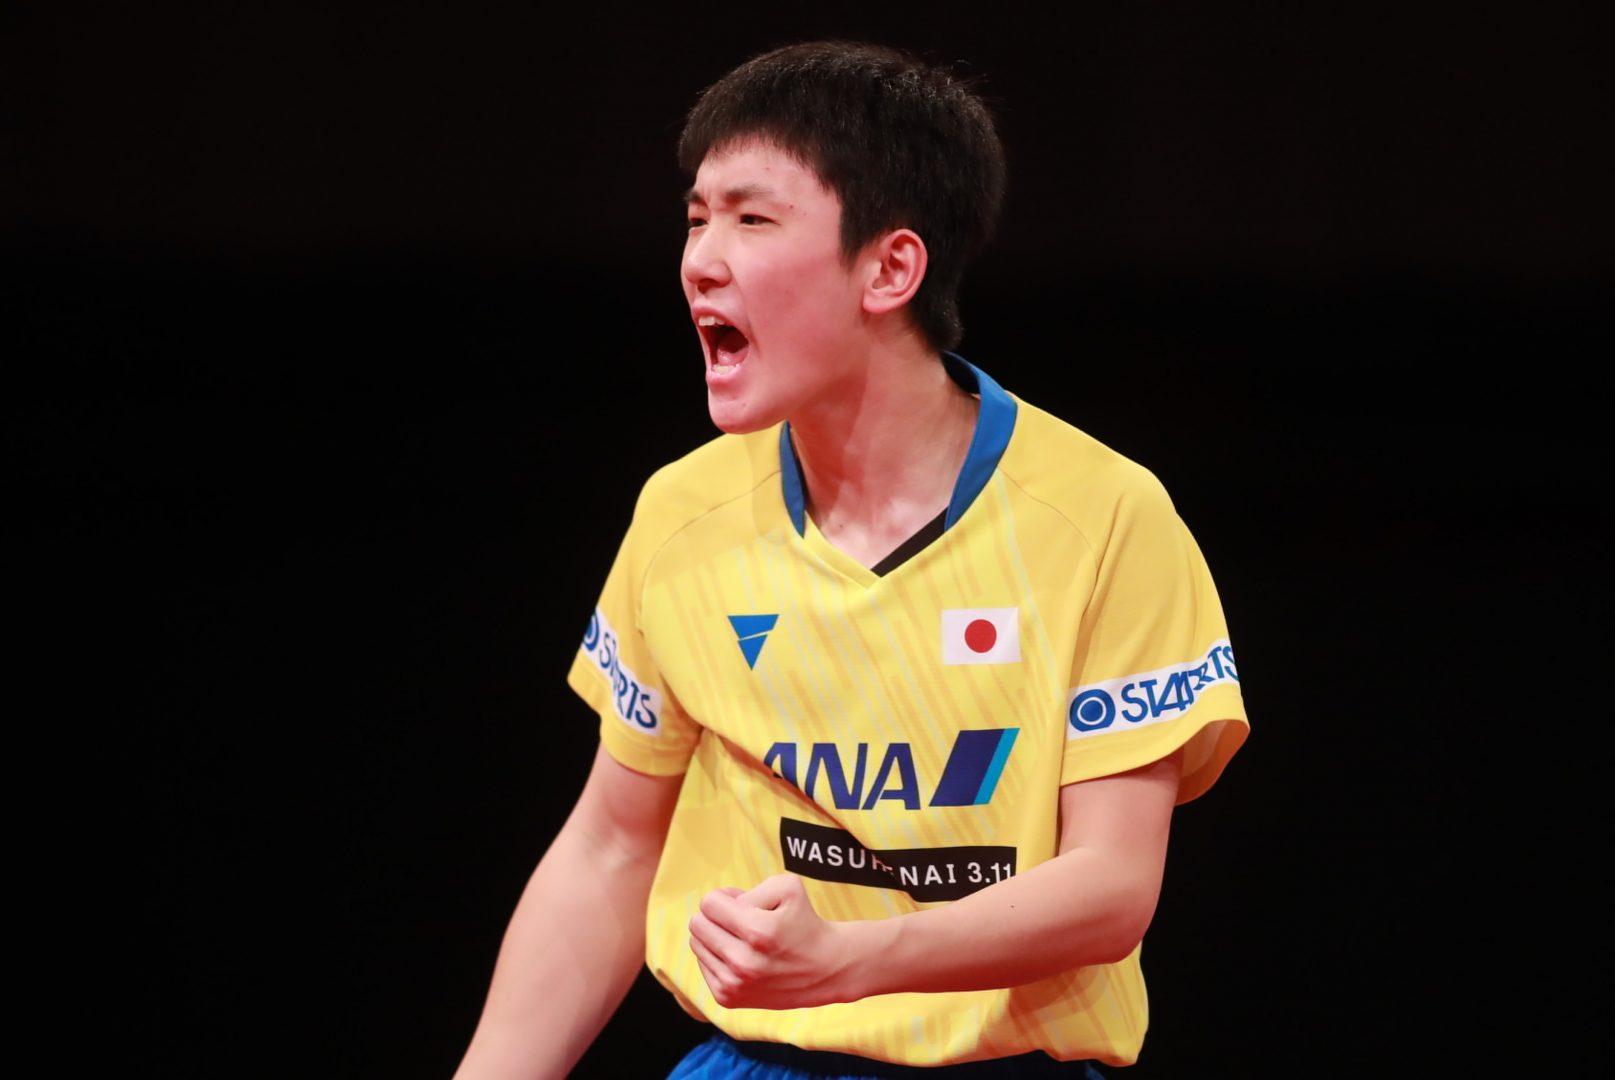 卓球五輪代表への道 2020年1月有効な世界ランキングポイント(ドイツOP終了時点)